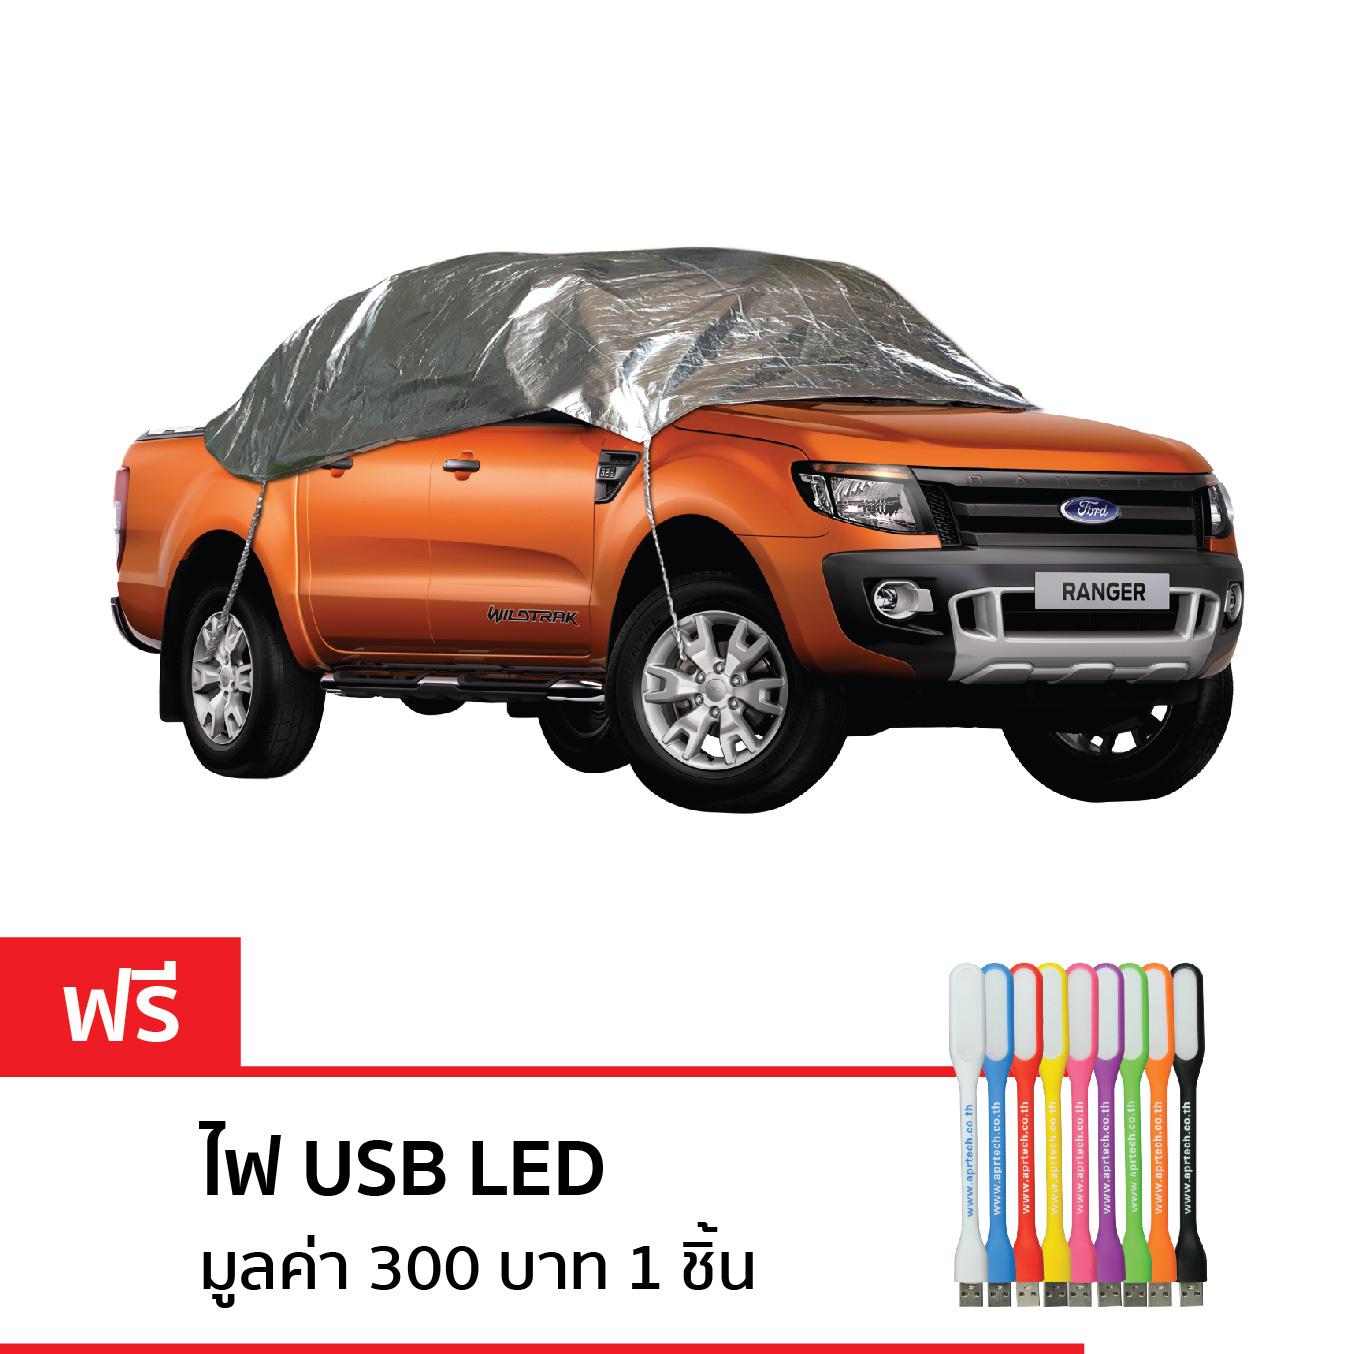 New Sunaway ผ้าคลุมรถกันร้อน 100% (สำหรับกระบะ-ครึ่งคัน)